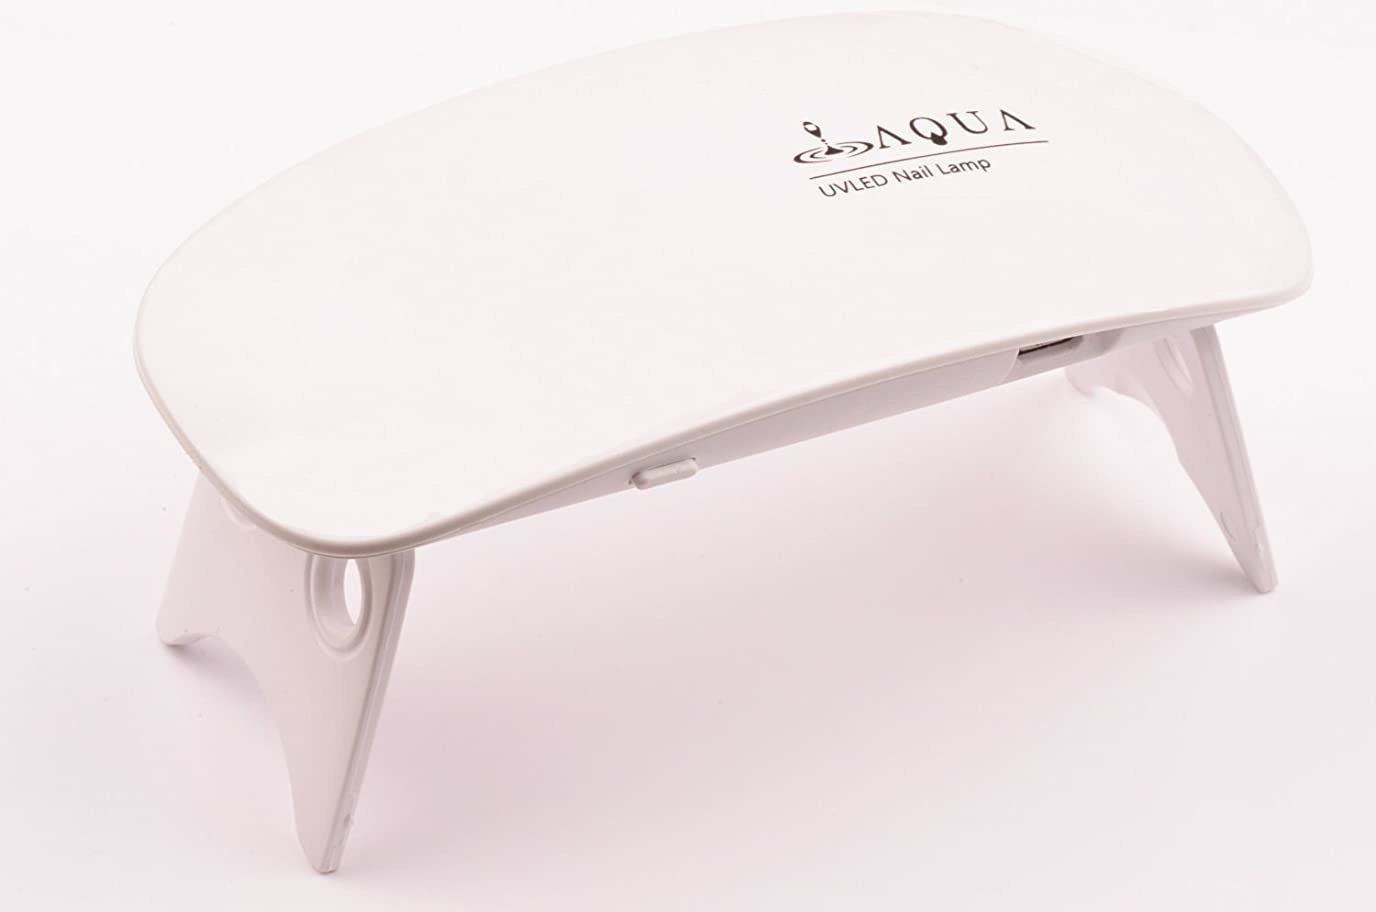 コックオセアニア専らLEDライト UVライト 6W 持ち運びに便利な軽量コンパクトサイズ (04.ホワイト)